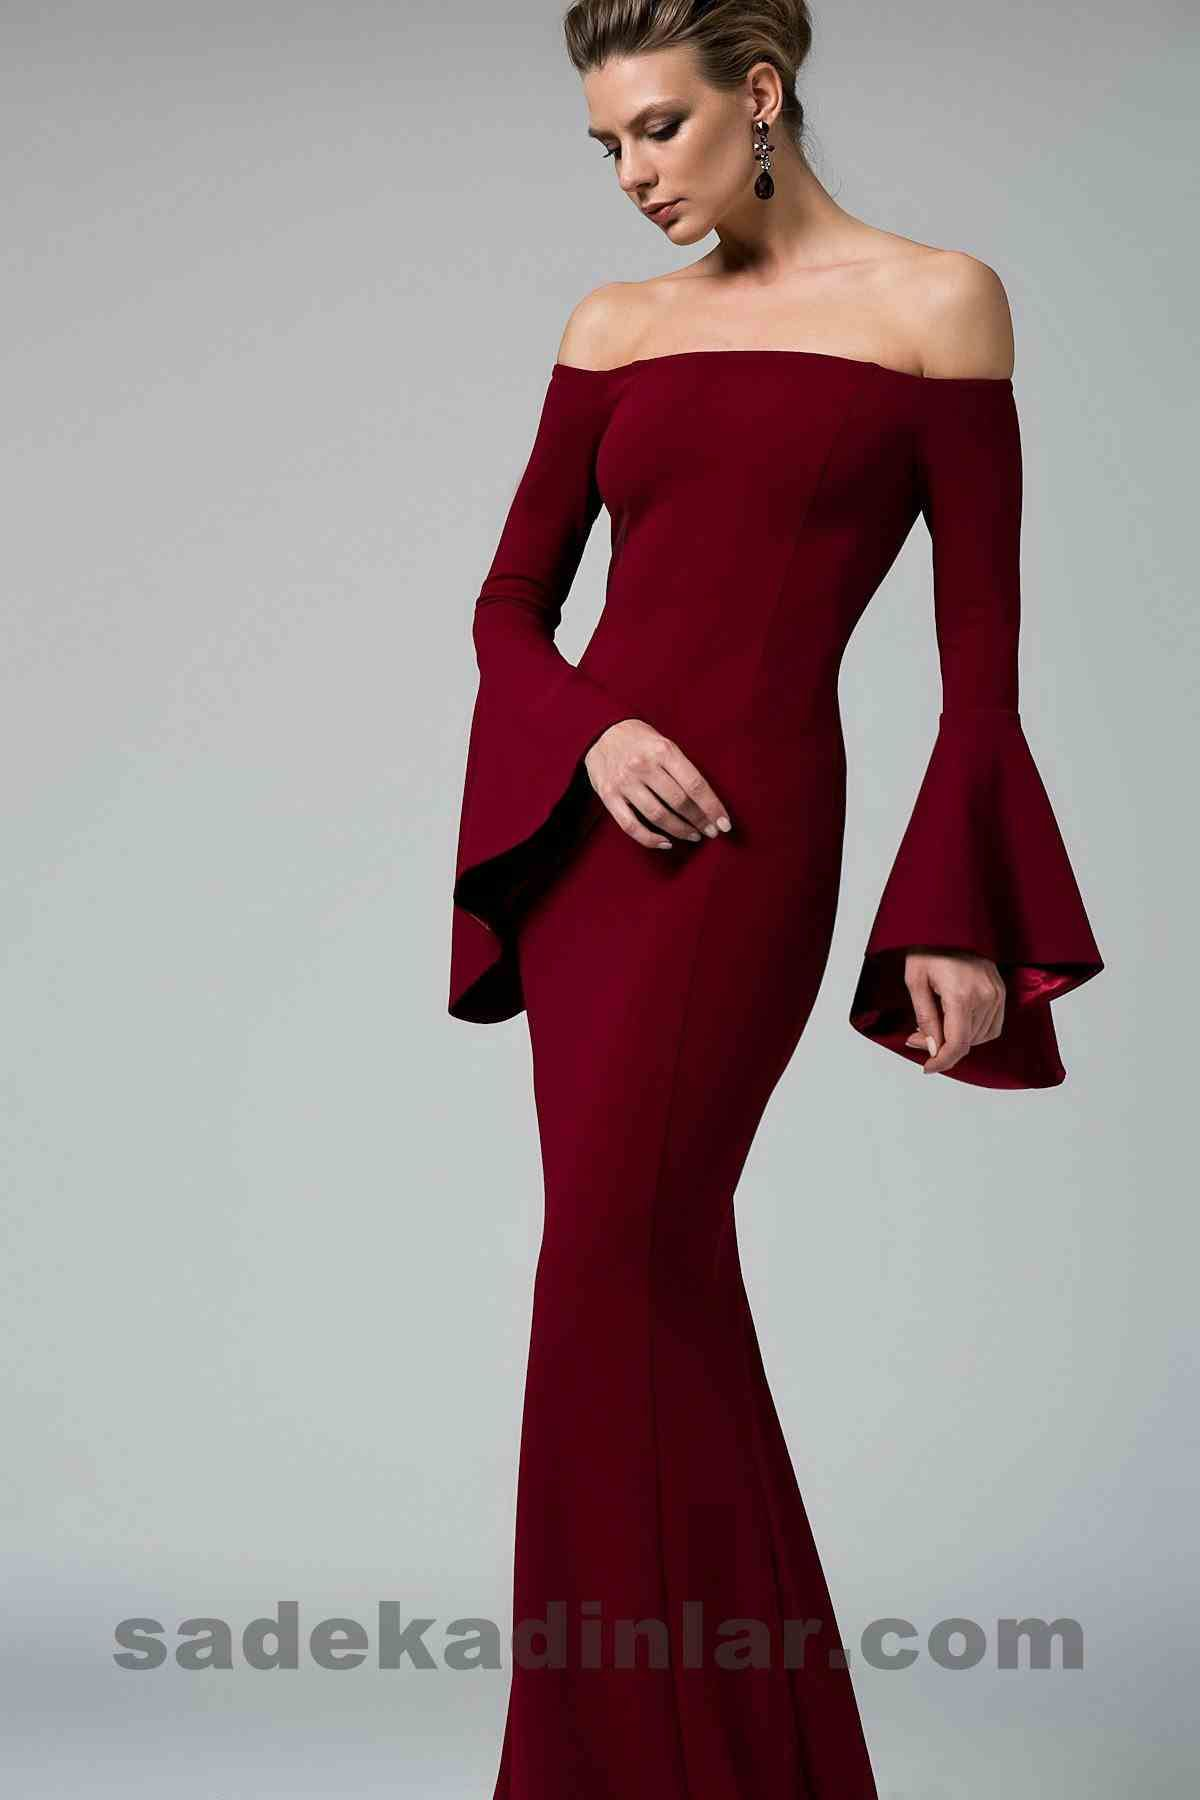 Abiye Elbise Modelleri Sik Ve Guzel 2019 Gece Elbiseleri Bordo Omzu Acik Uzun Balik Model Elbise Modelleri Elbise Moda Stilleri